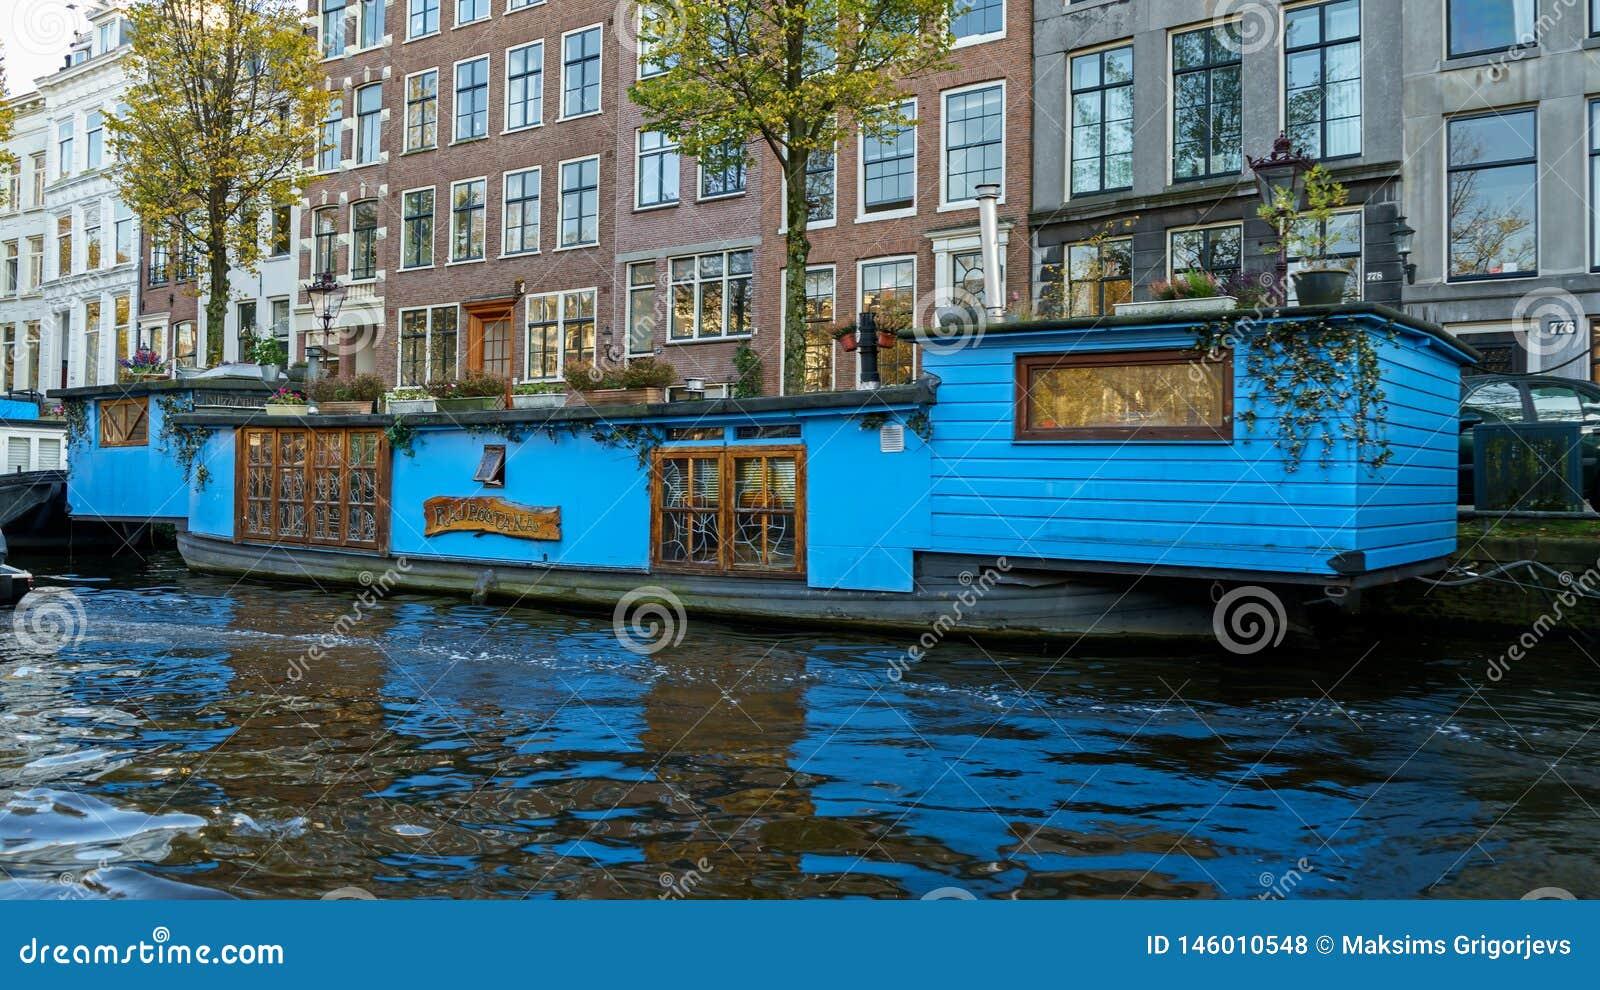 Casa di barca di galleggiamento tradizionale in canali di Amsterdam, Paesi Bassi, il 13 ottobre 2017